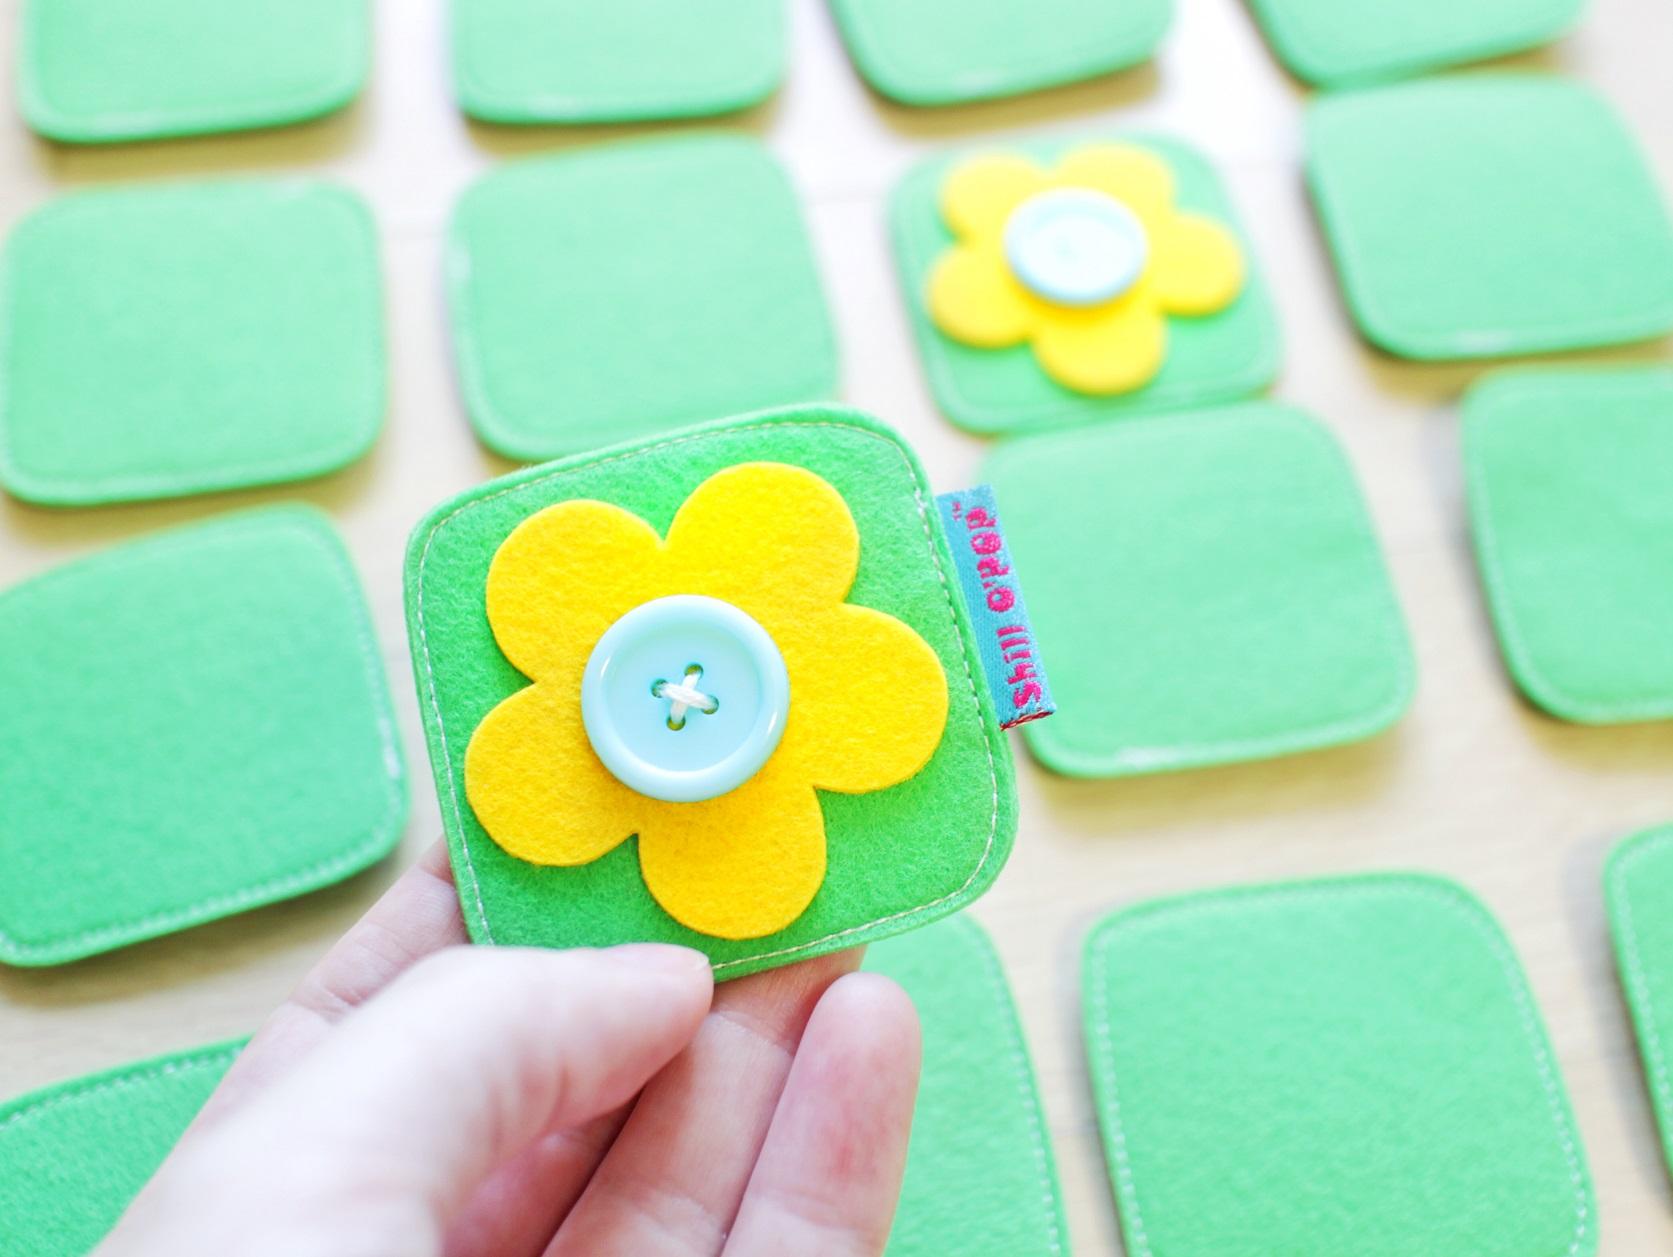 мемори из фетра для малышей развивающие игрушки фетр